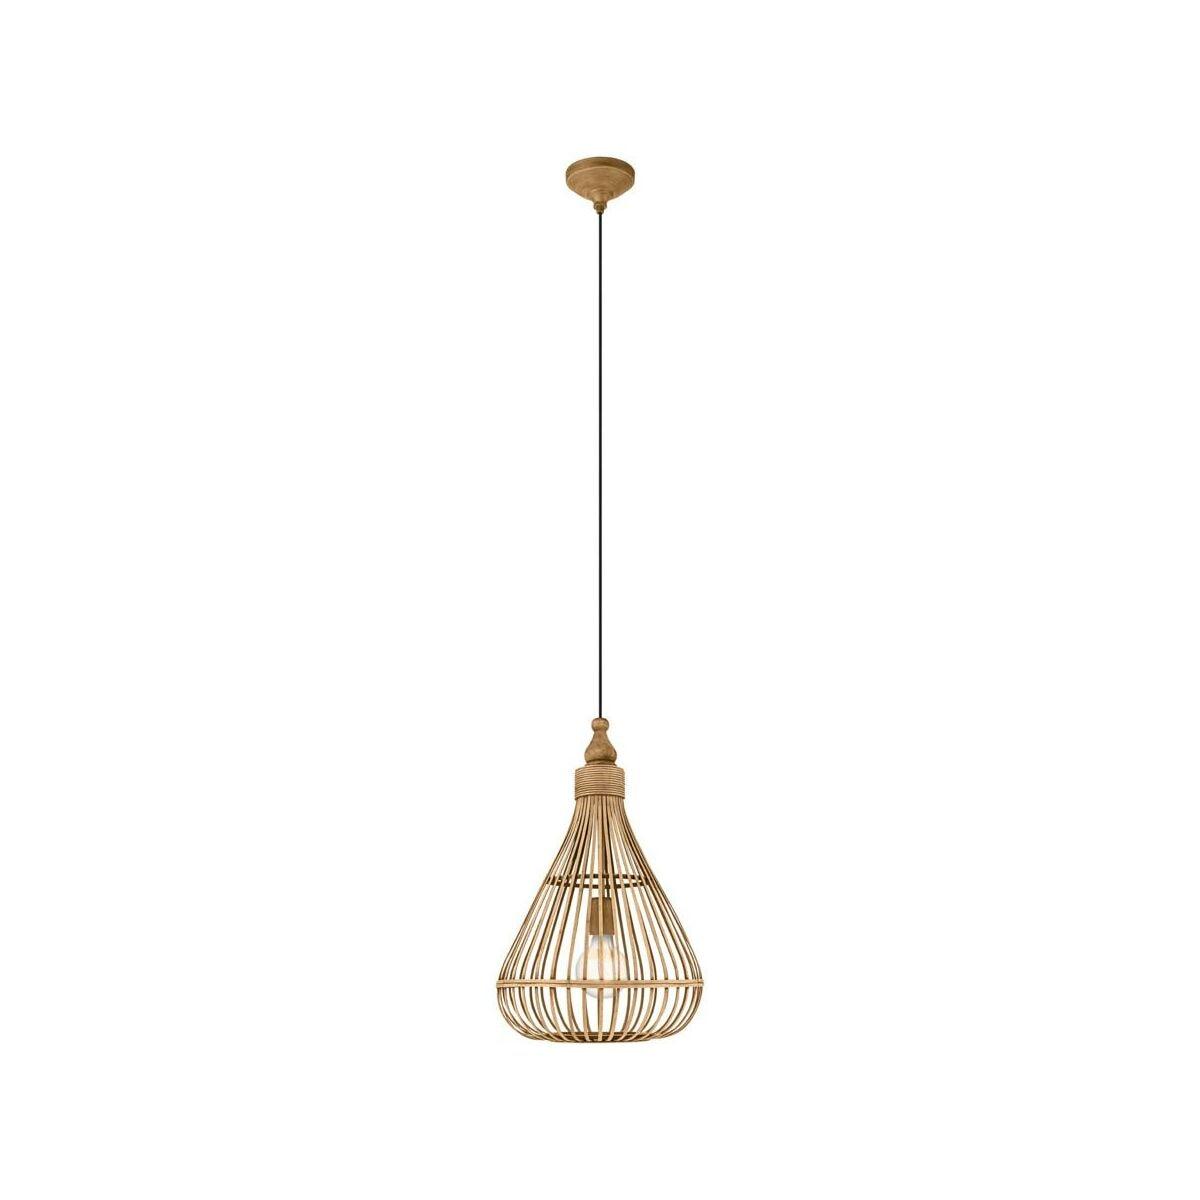 Lampa Wiszaca Amsfield Bambus E27 Eglo Zyrandole Lampy Wiszace I Sufitowe W Atrakcyjnej Cenie W Sklepach Leroy Merlin